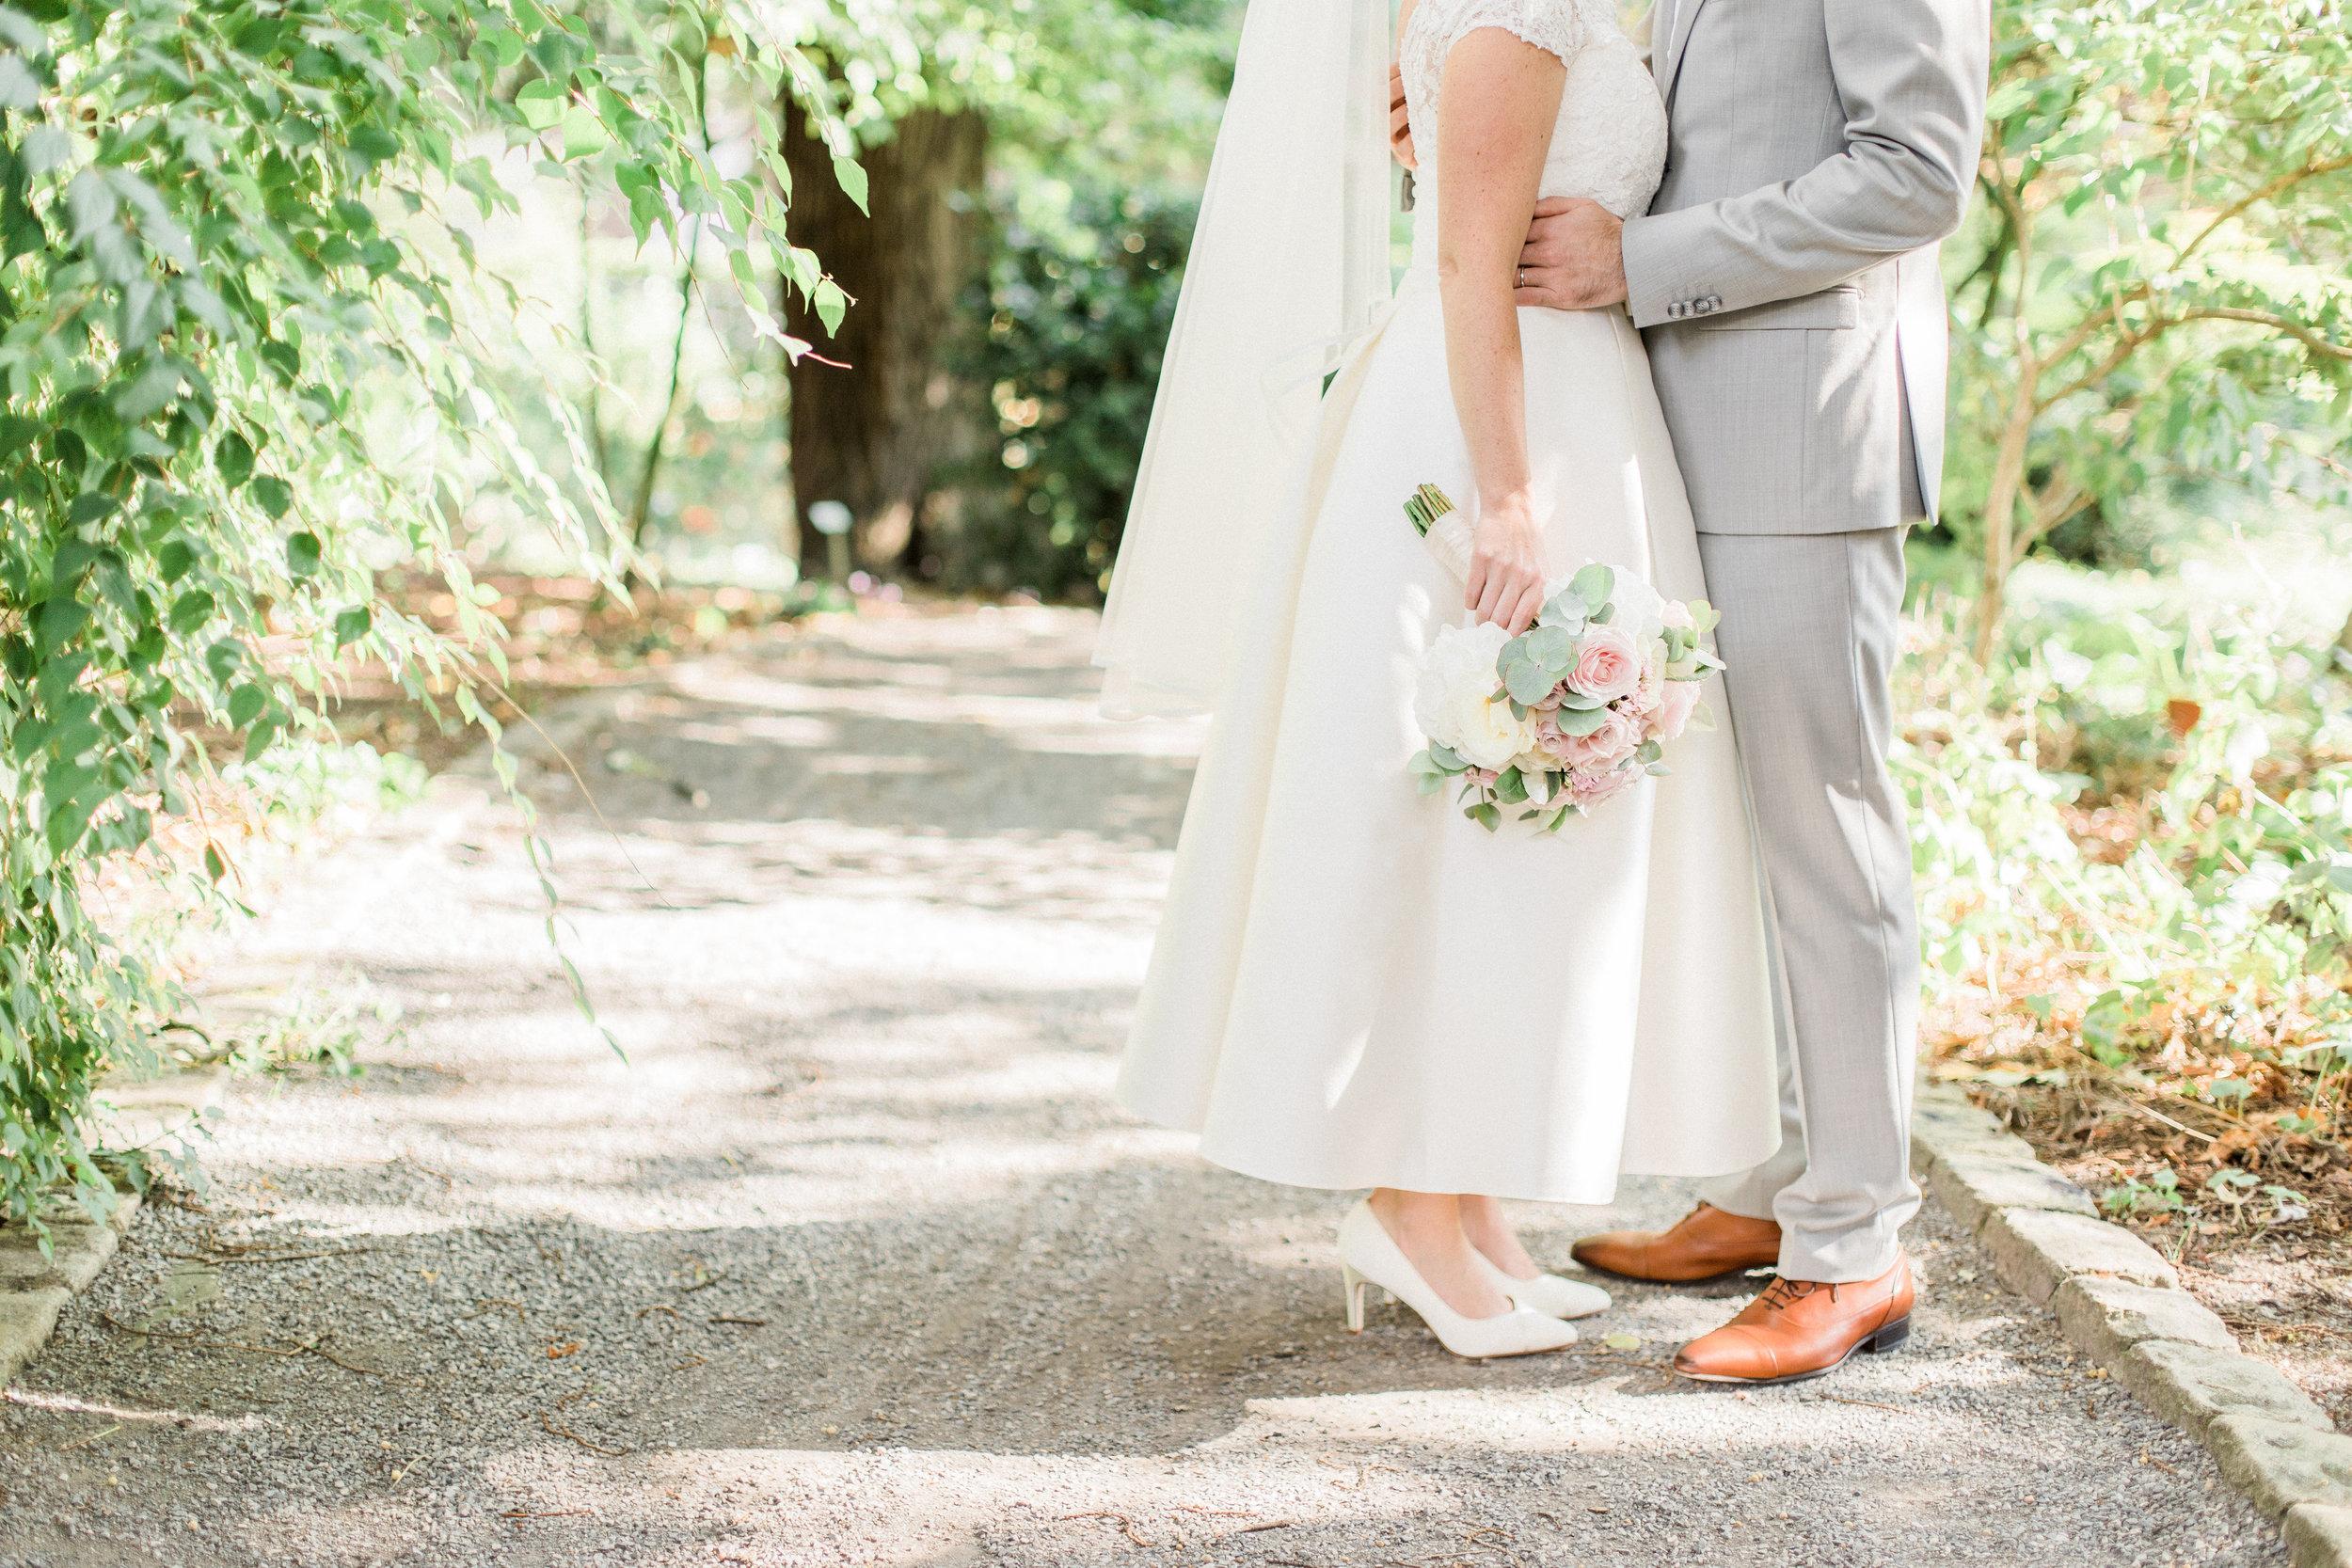 Huwelijk bloemen ( Elisabeth Van Lent Photography ) - Degrootebloemen.be